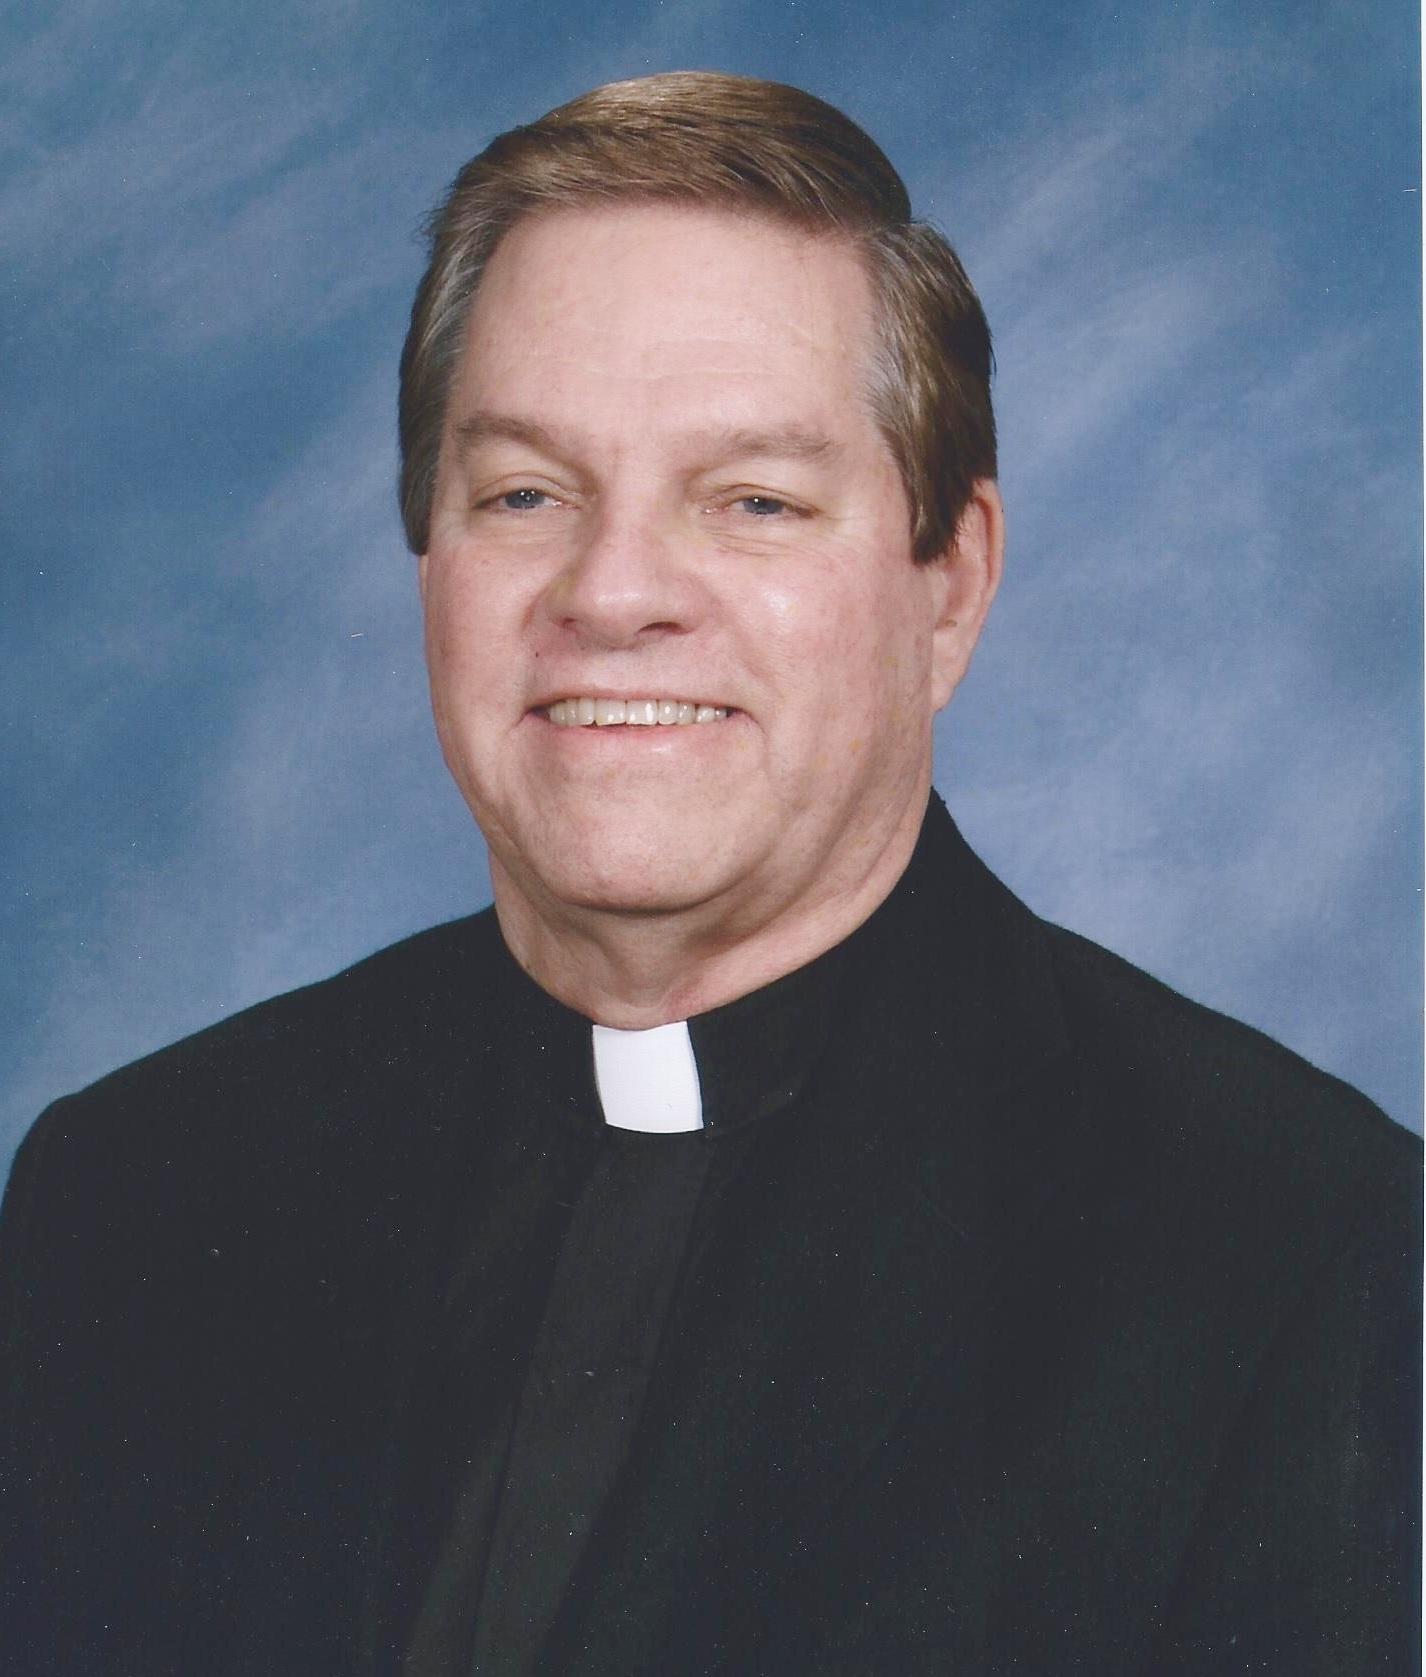 John B. Linscott